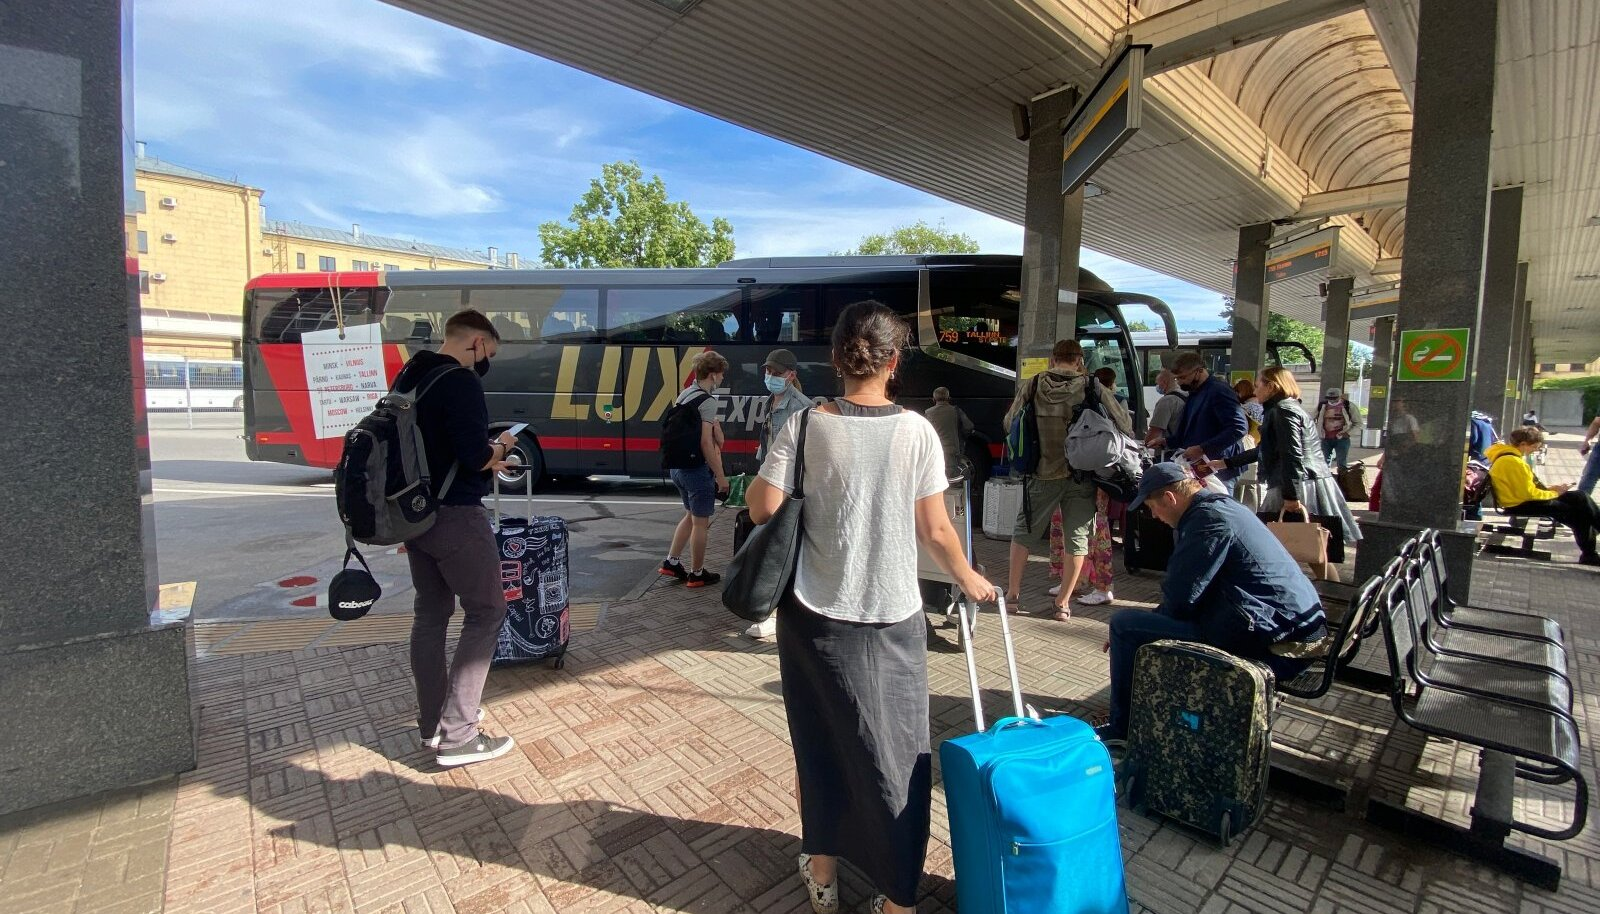 Peterburi Lux Express